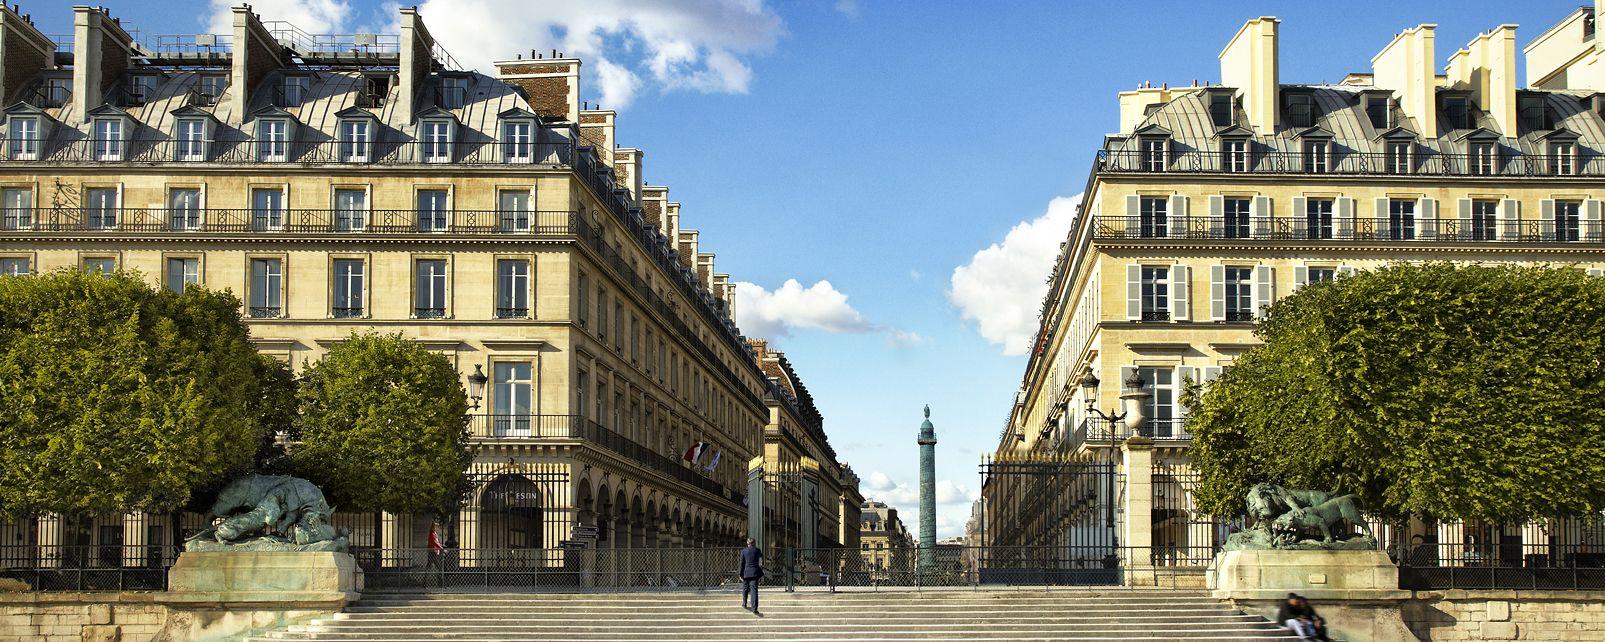 Hotel westin paris paris frankreich for Frankreich hotel paris